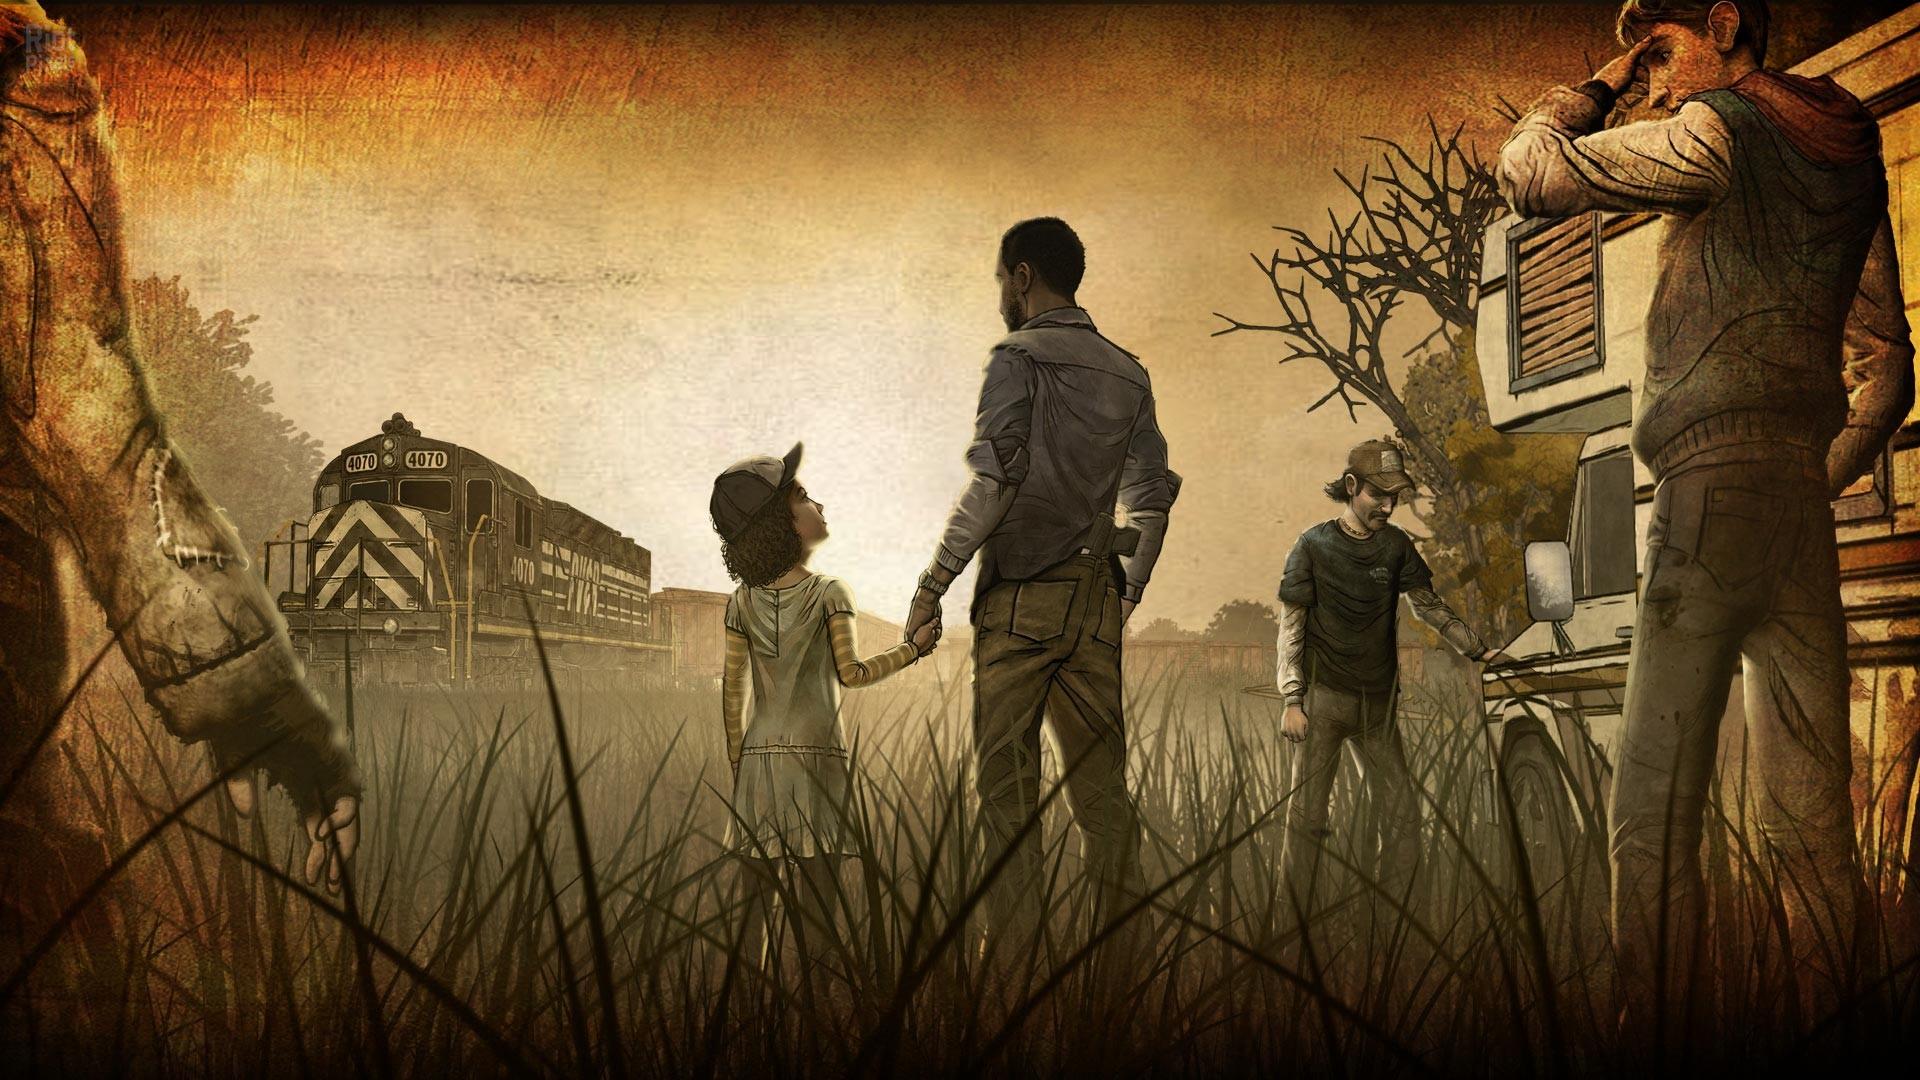 The Walking Dead Wallpaper Pc Desktop Px Walking Dead